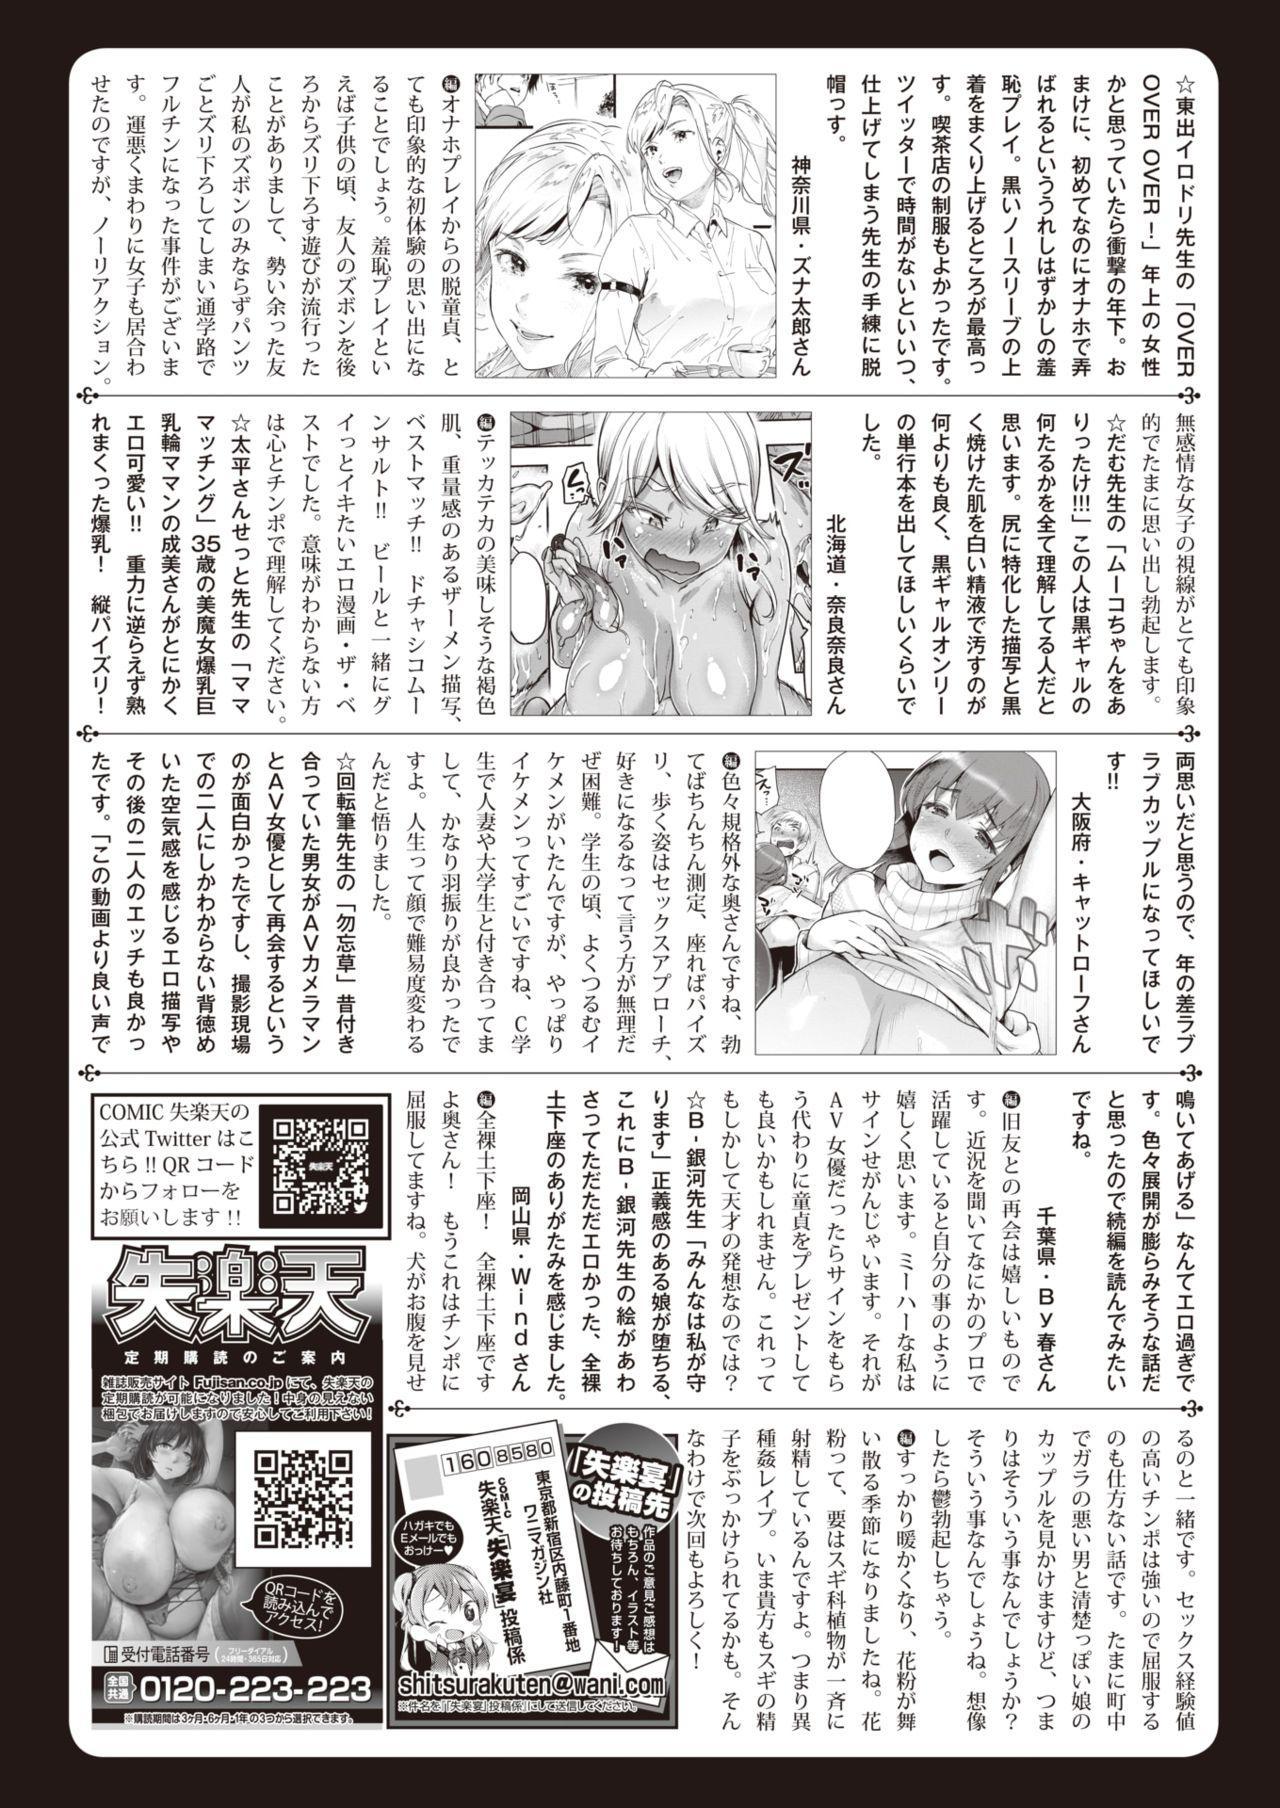 COMIC Shitsurakuten 2020-06 300